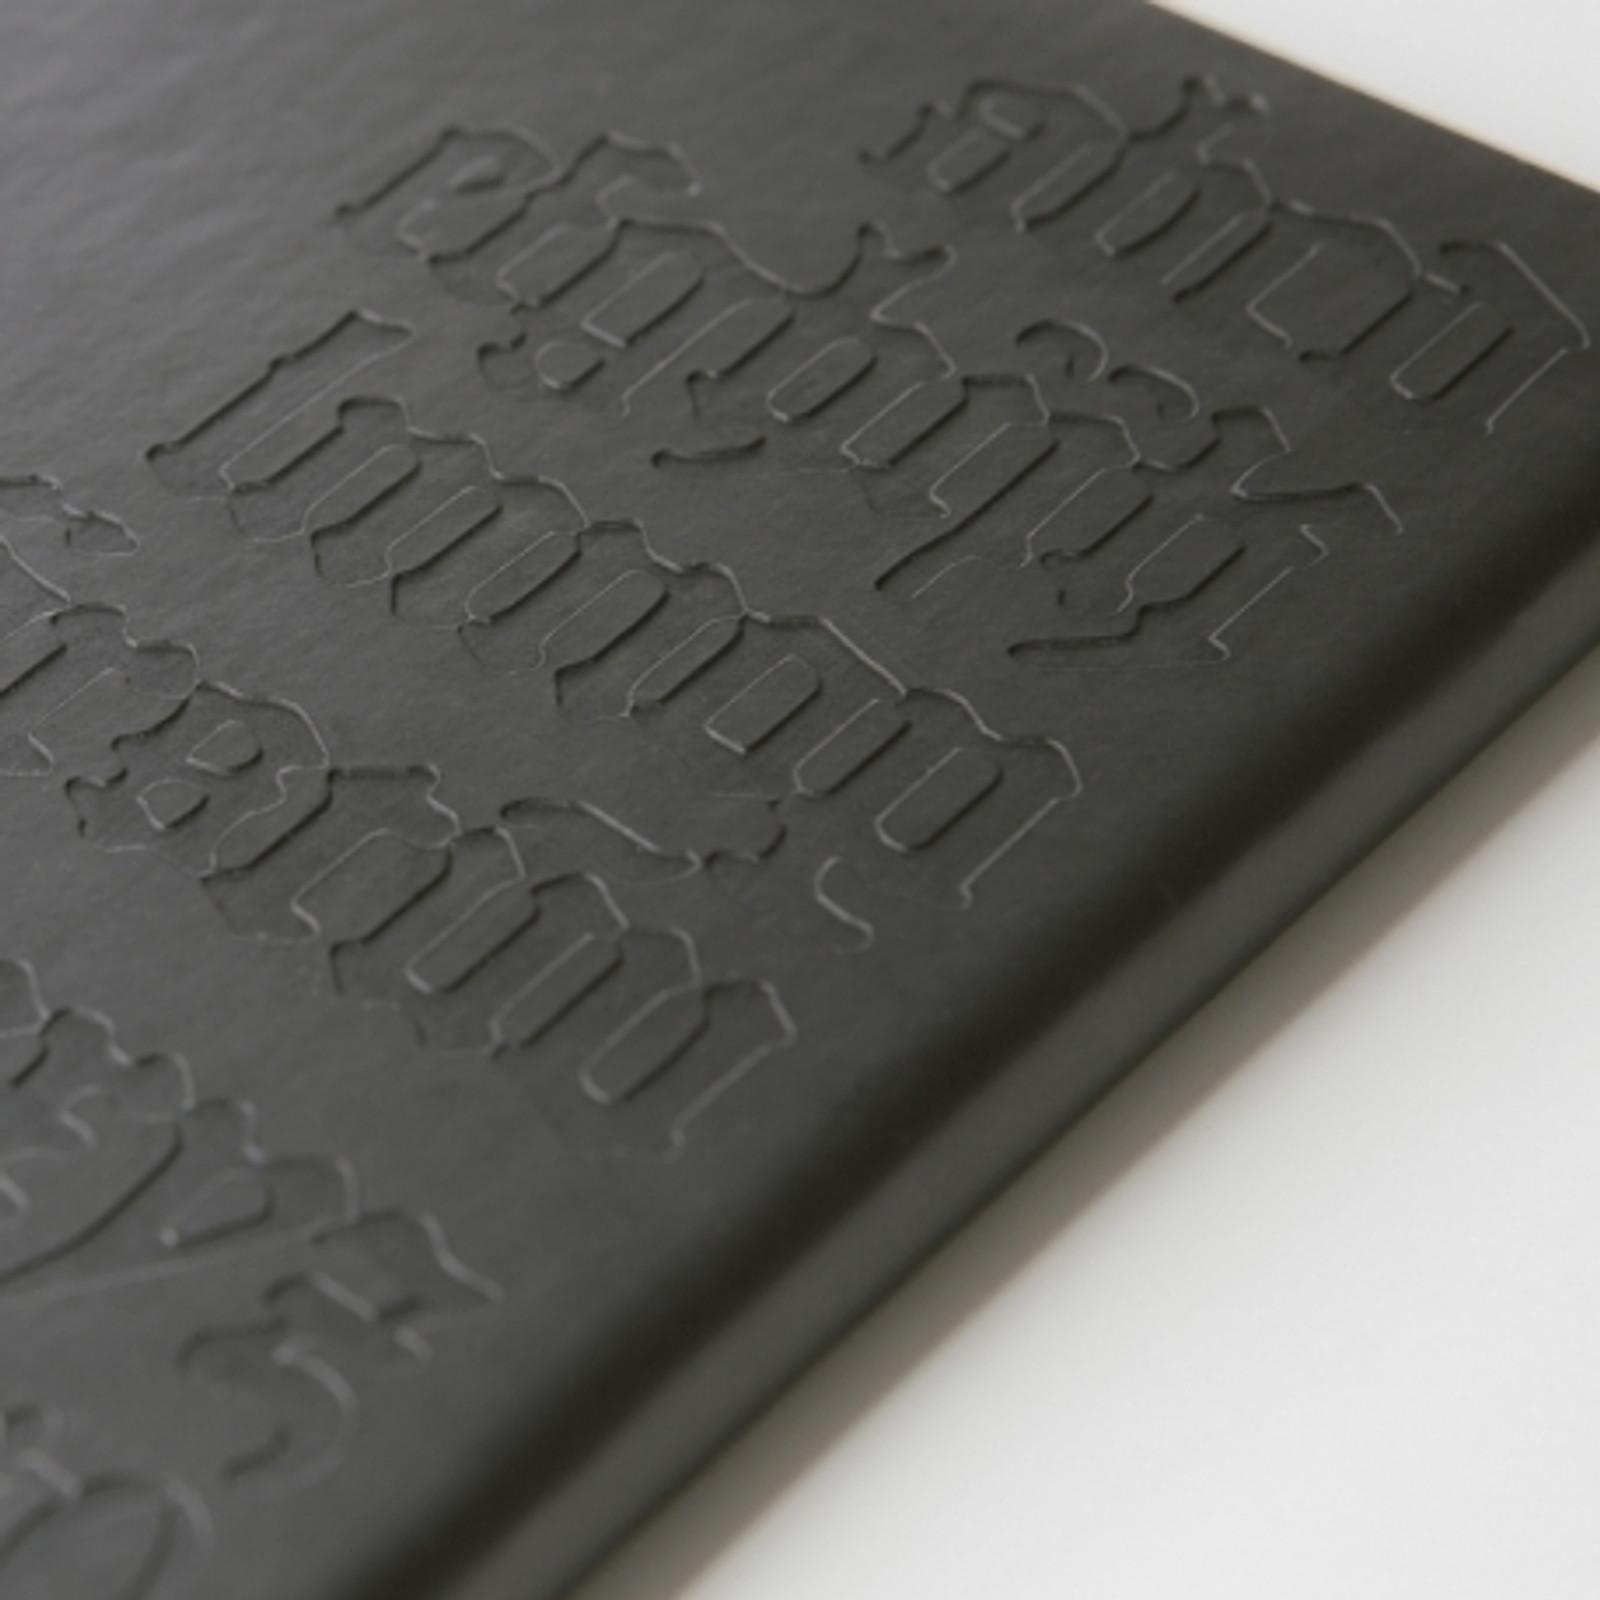 Signature Gutenberg